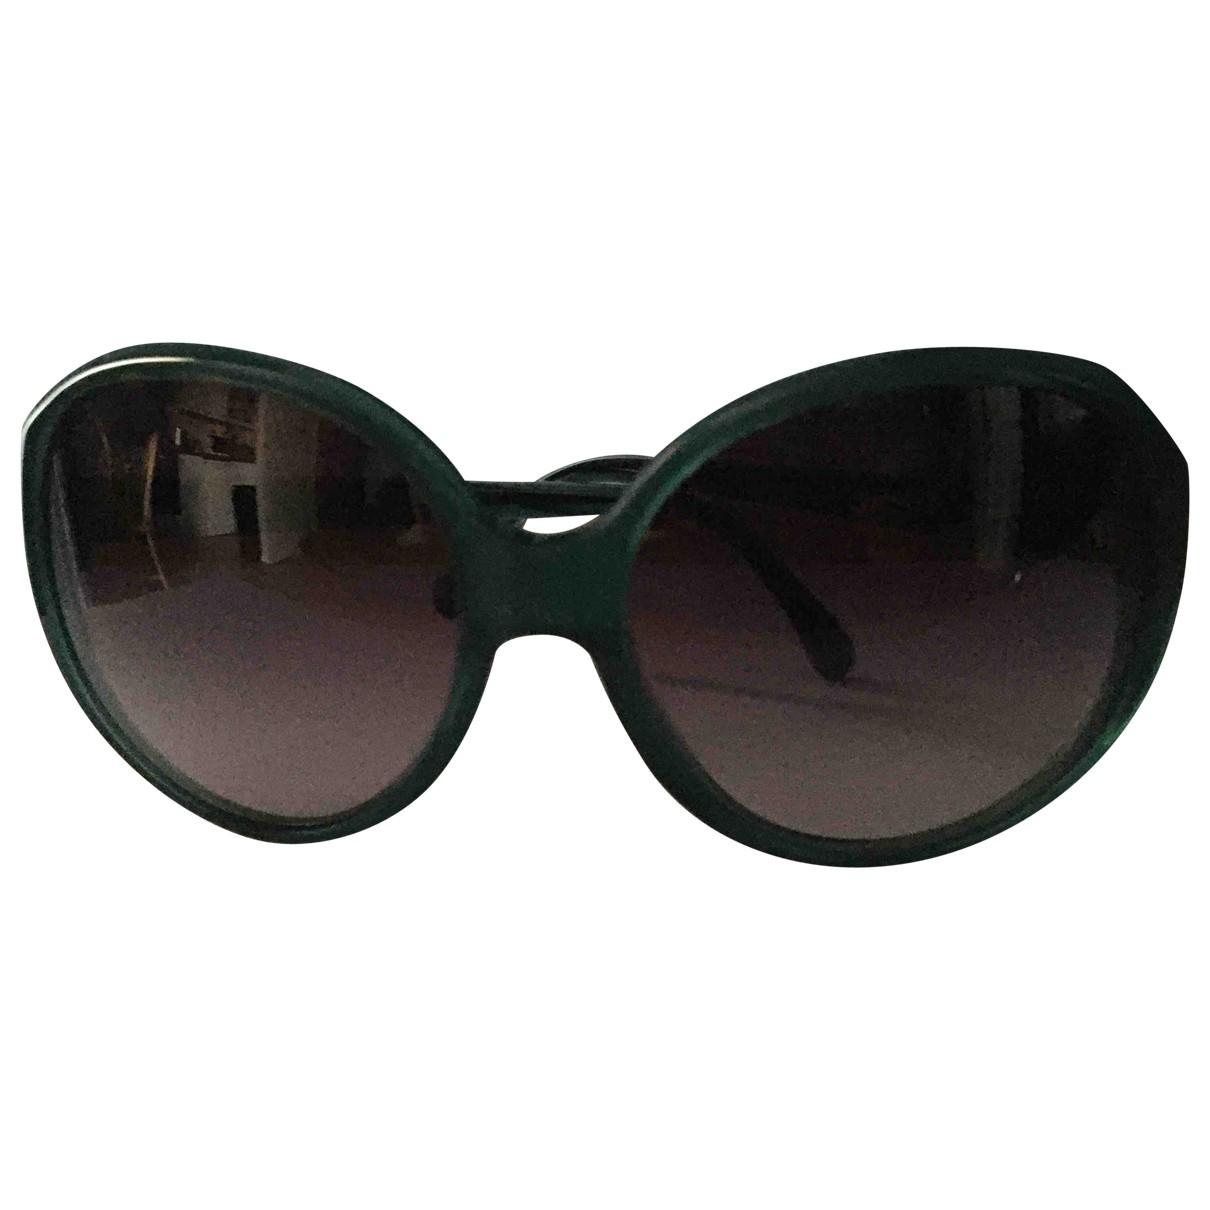 Chanel - Lunettes   pour femme - vert